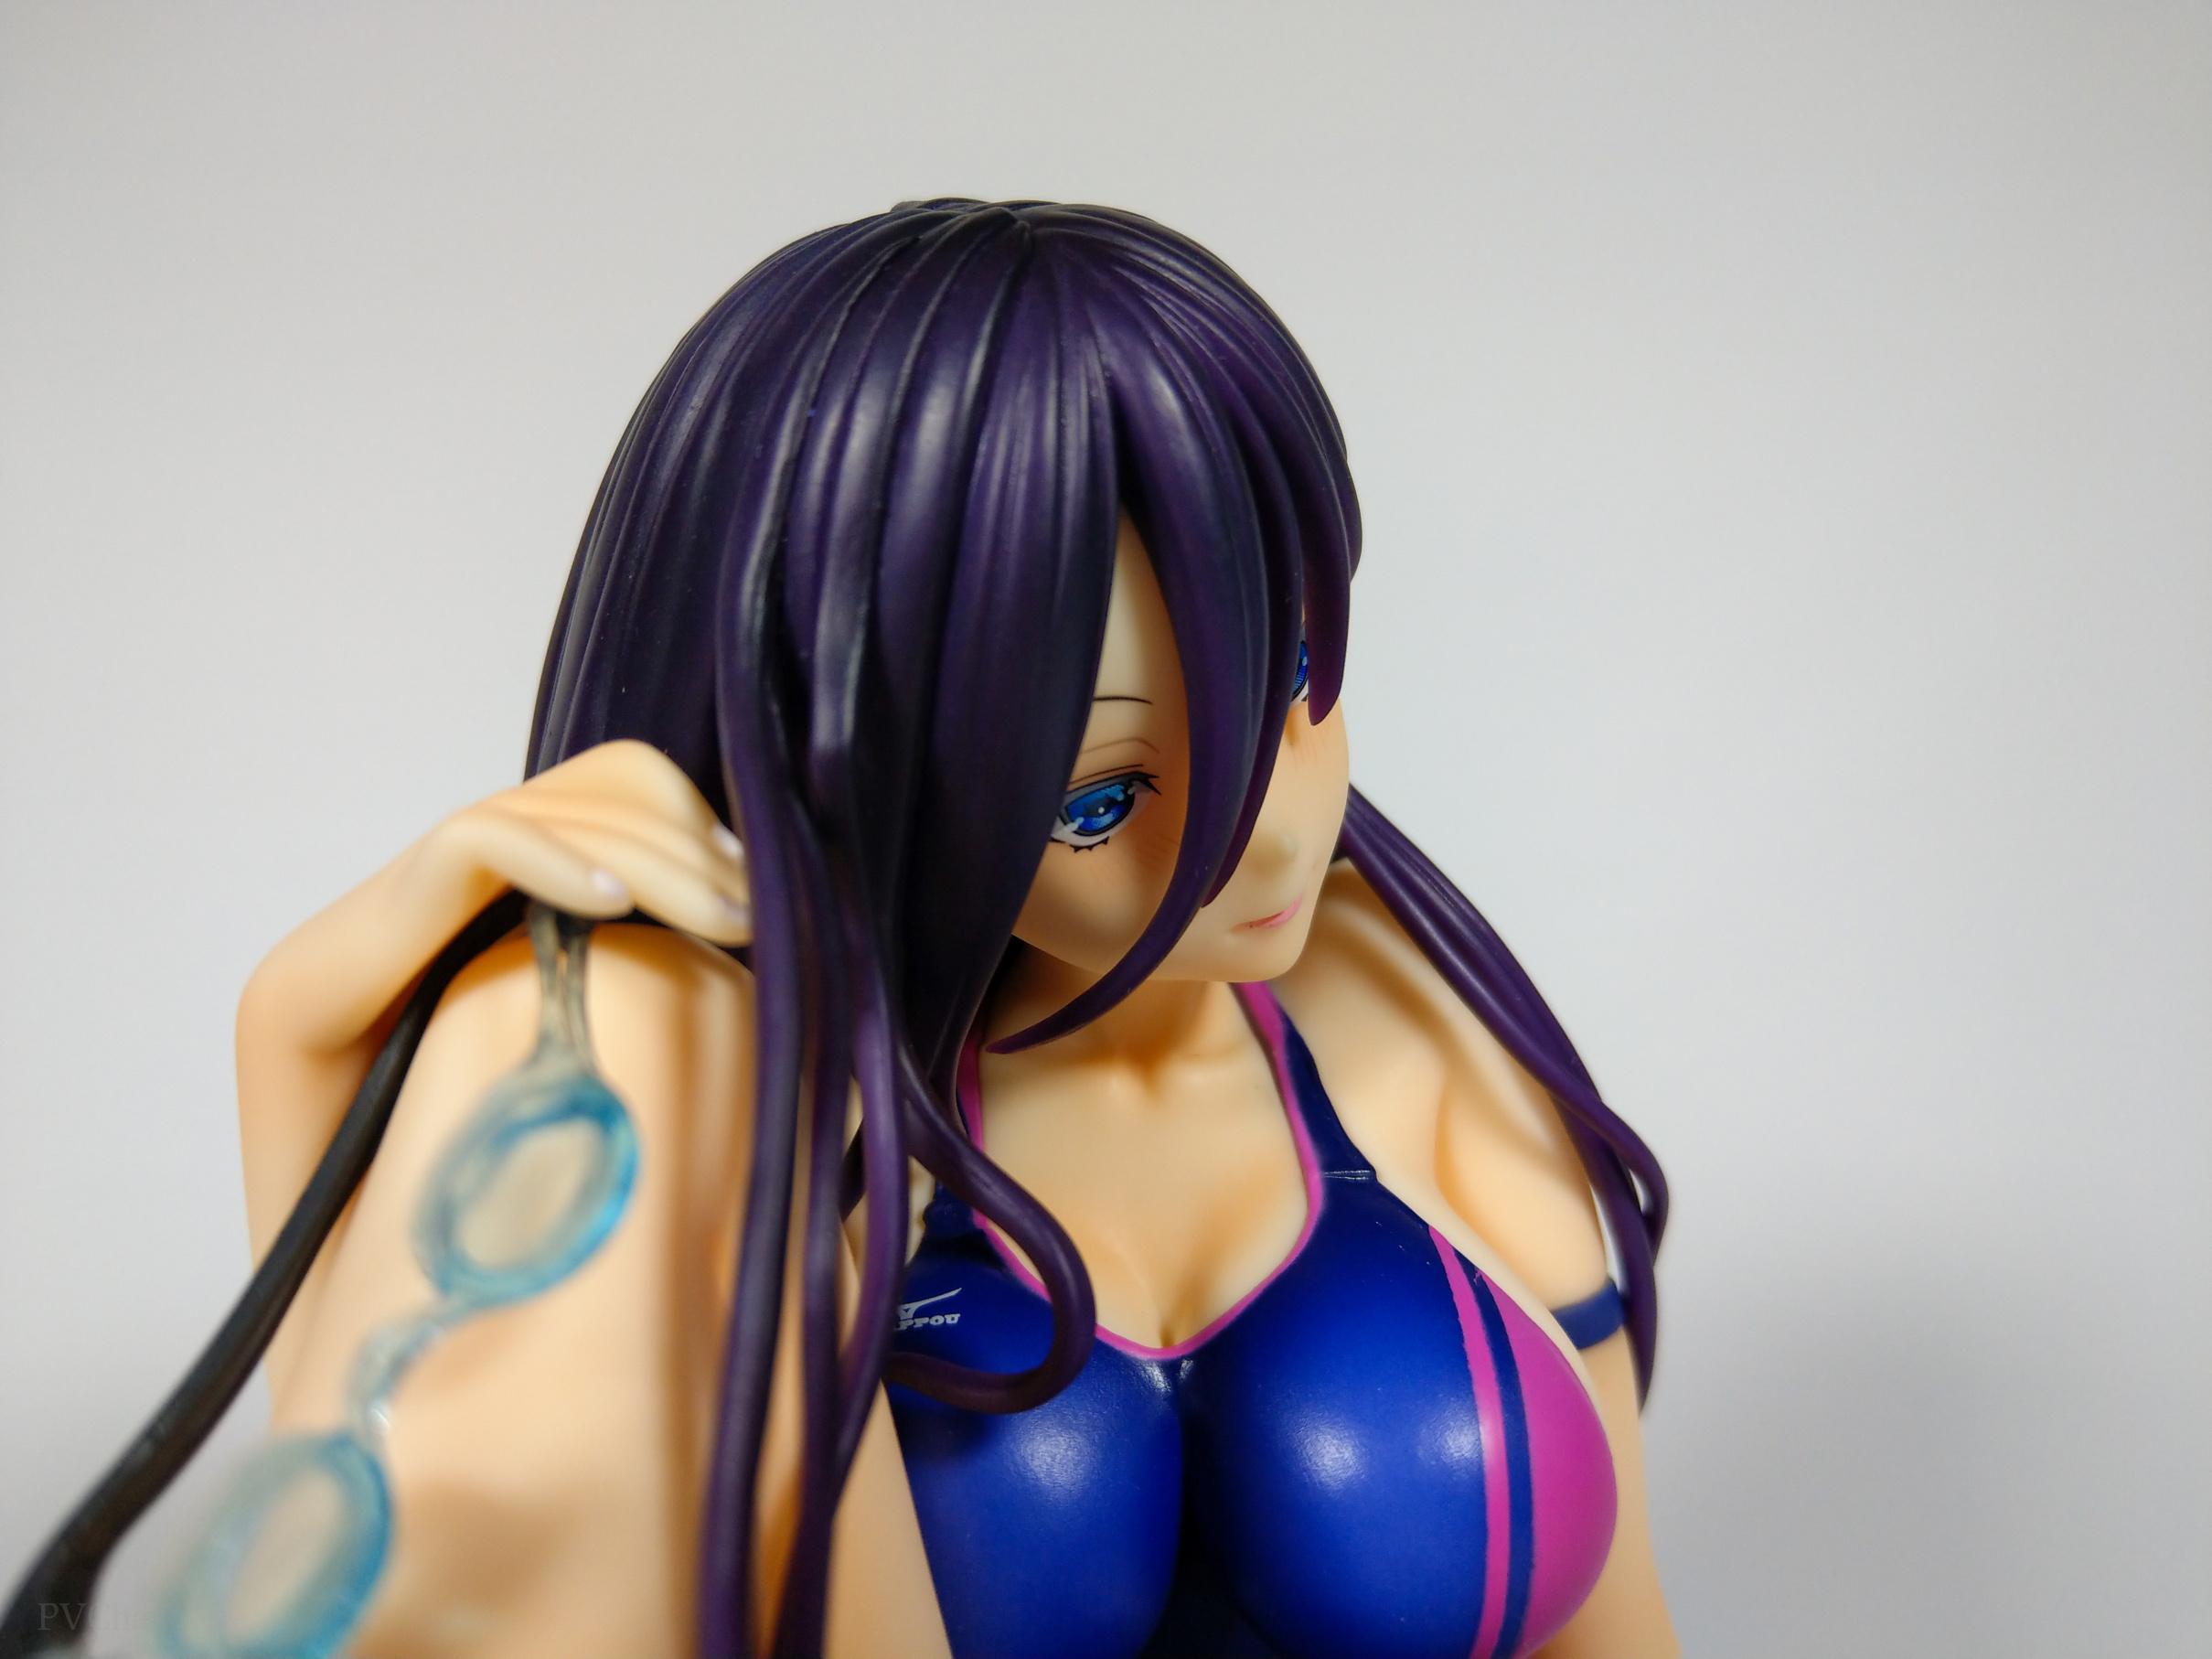 Девушка в купальнике (Kaitendo). - Изображение 15